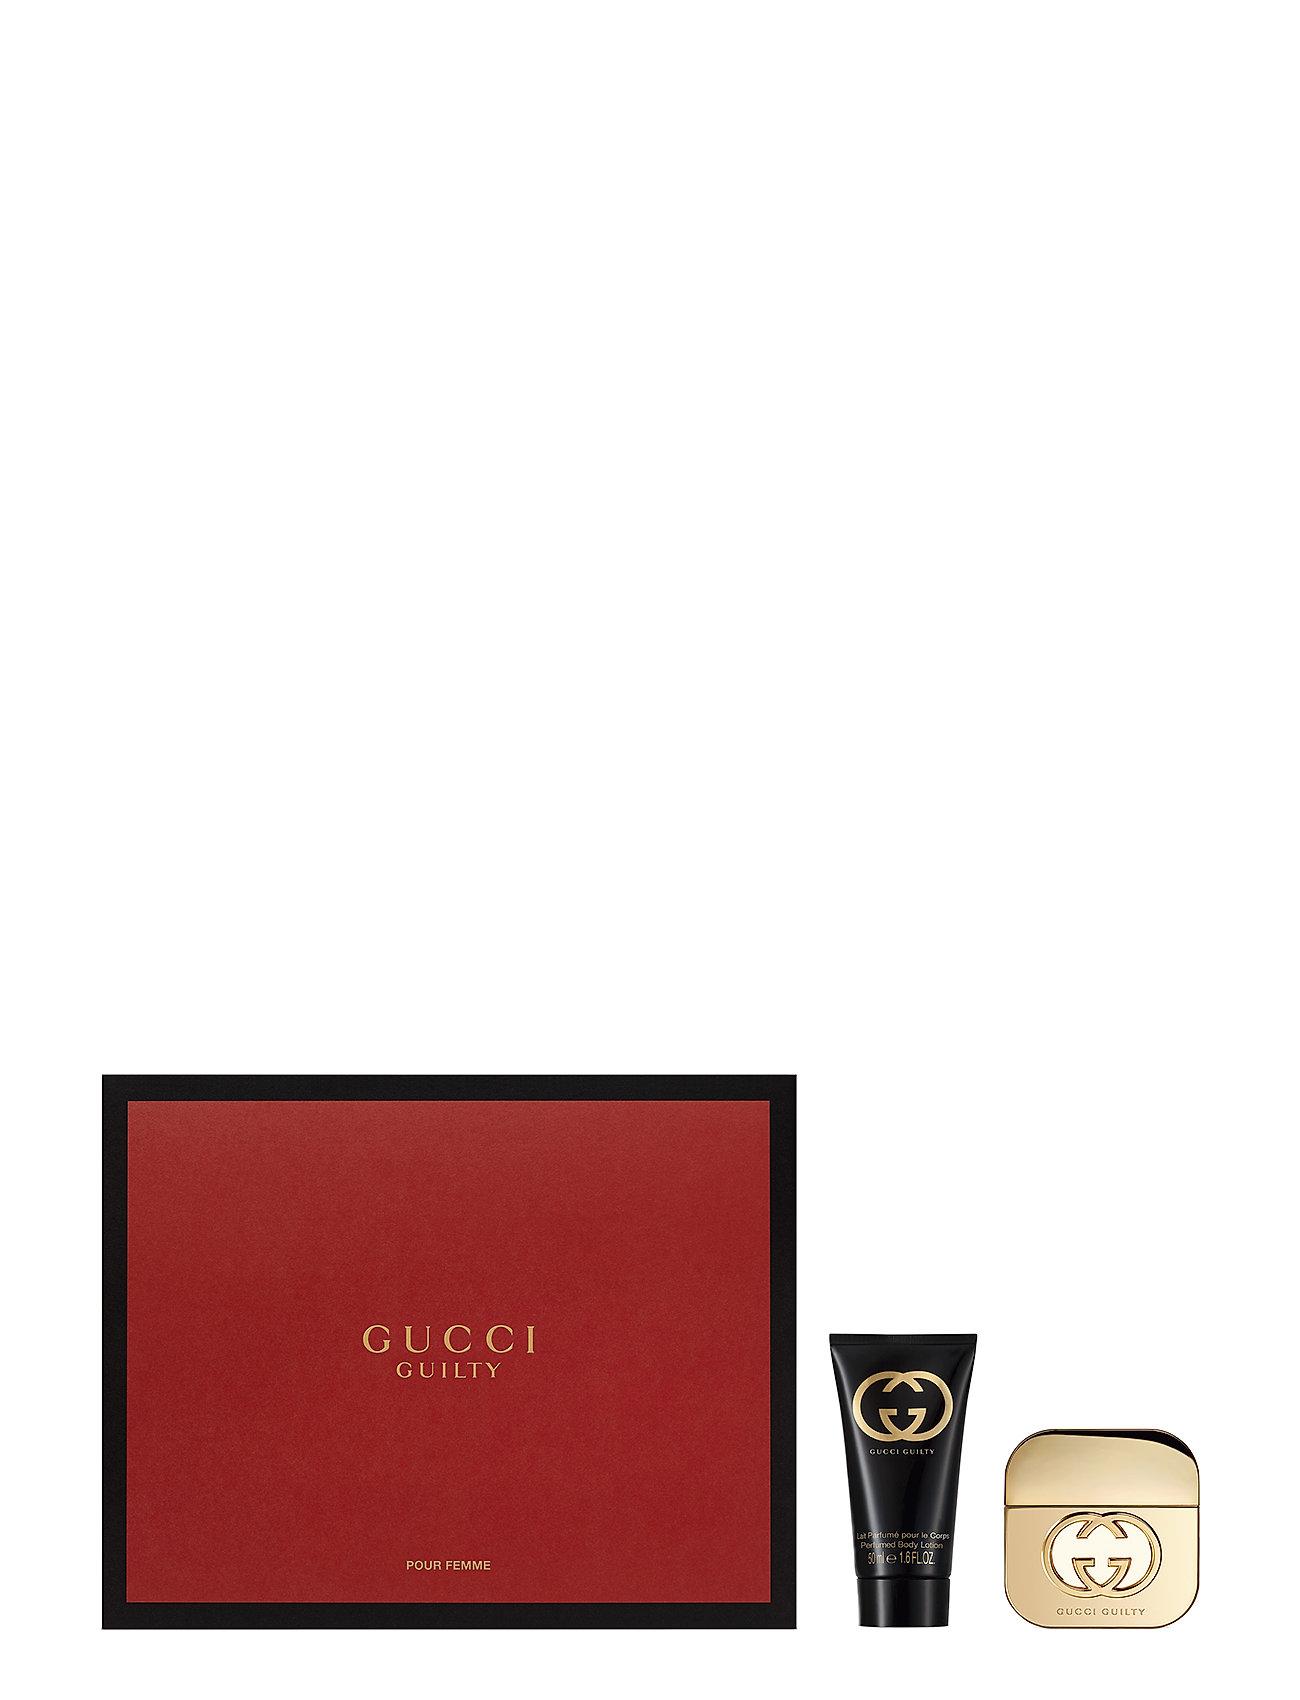 Gucci GUILTY EAU DE TOILETTE 30ML/BLOTION 50ML - NO COLOR